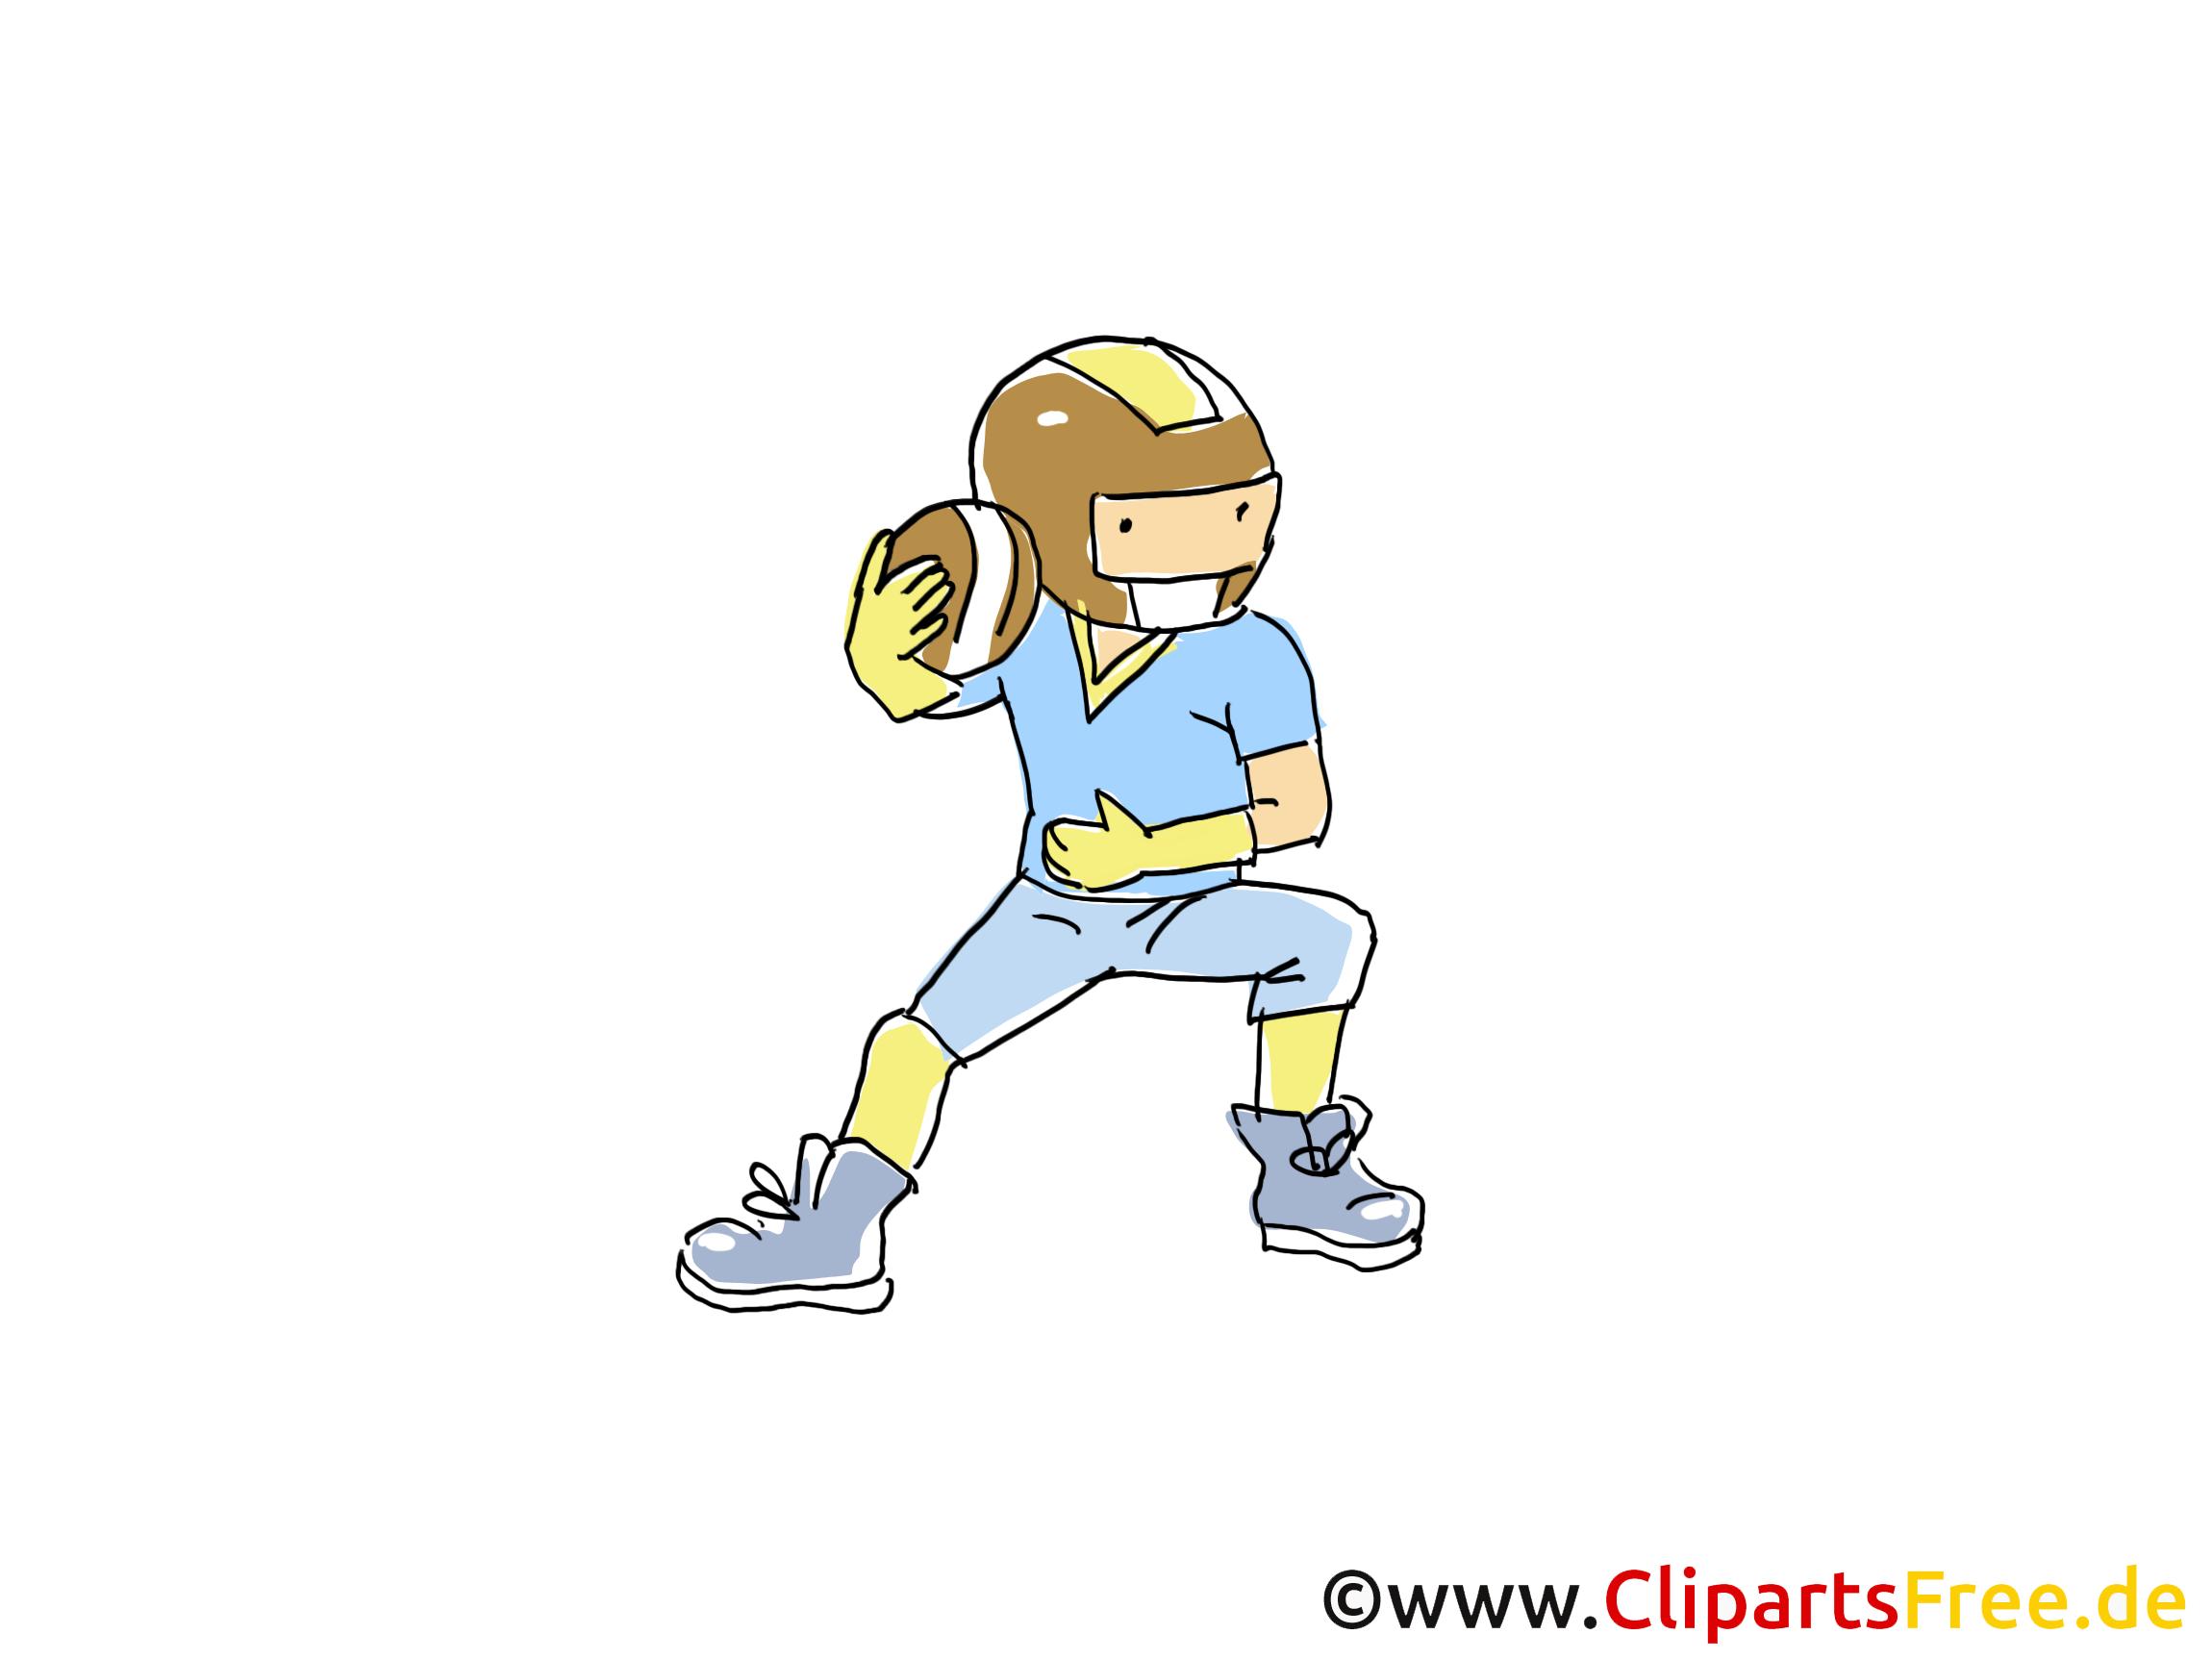 amerikanischer fussball bild sport clipart comic